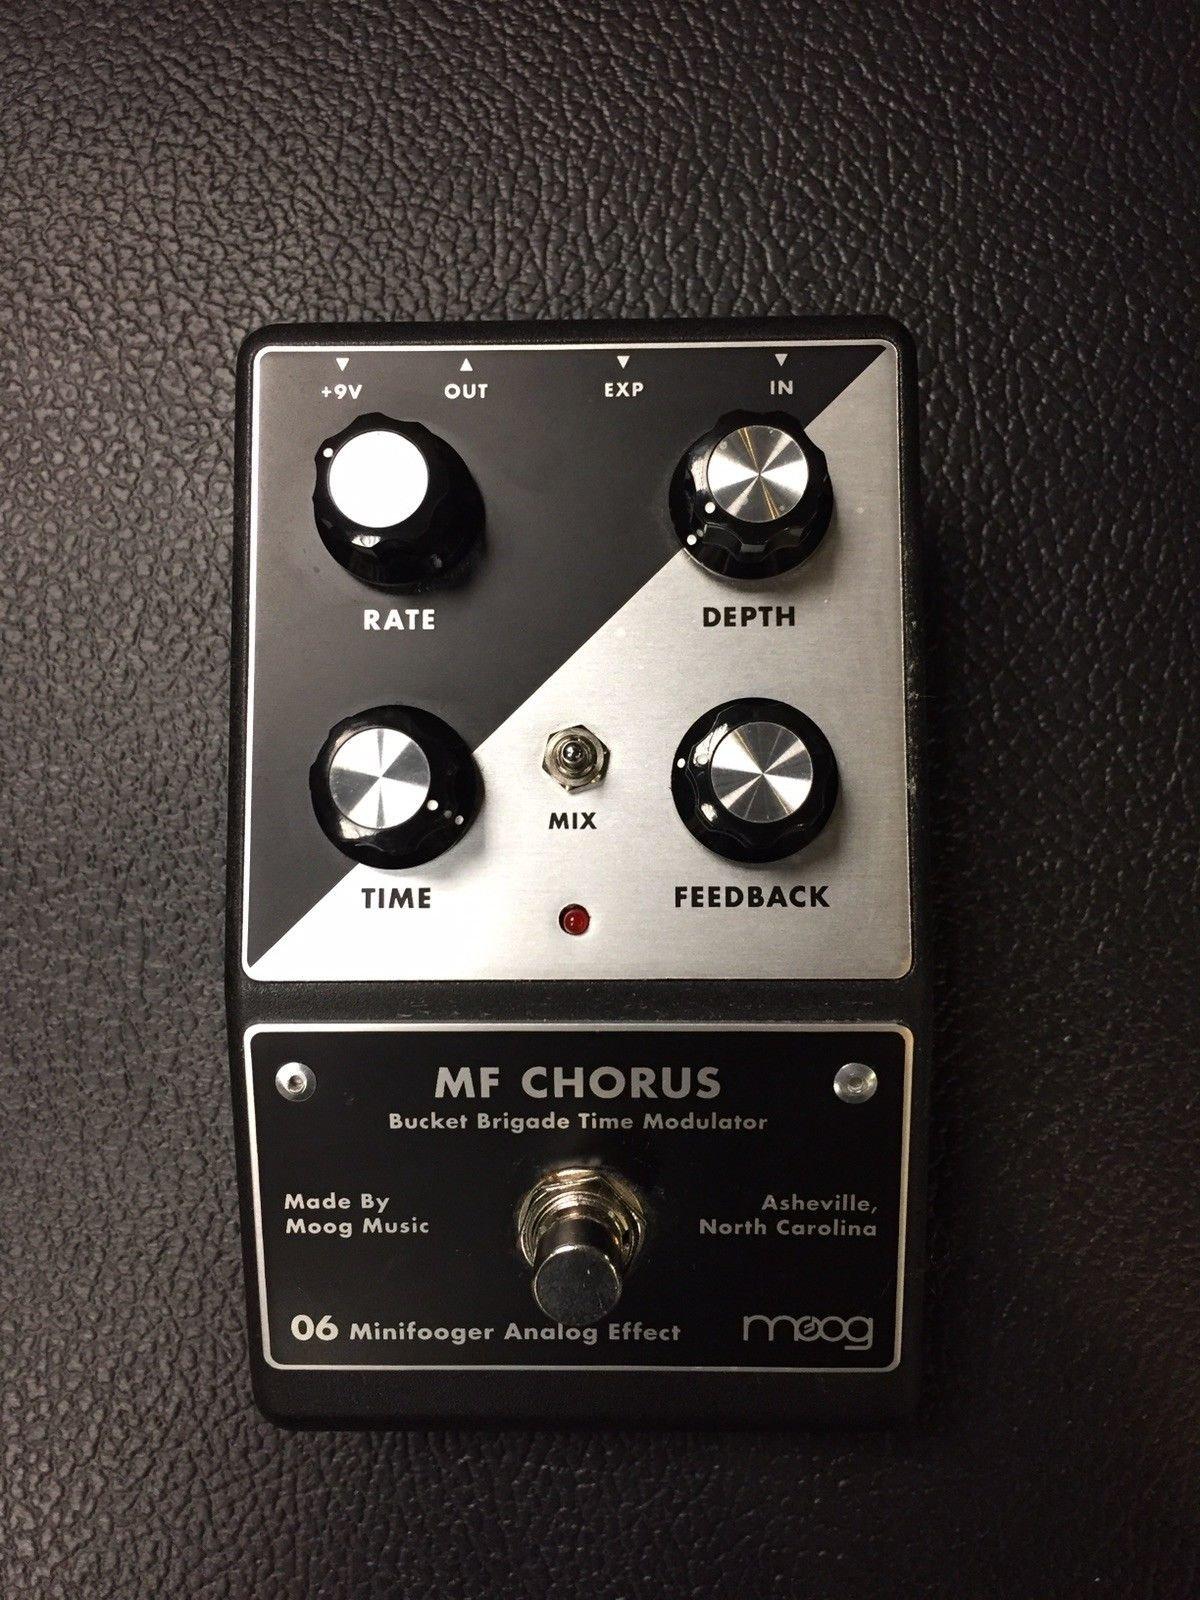 Used Moog Minifooger MF Chrous